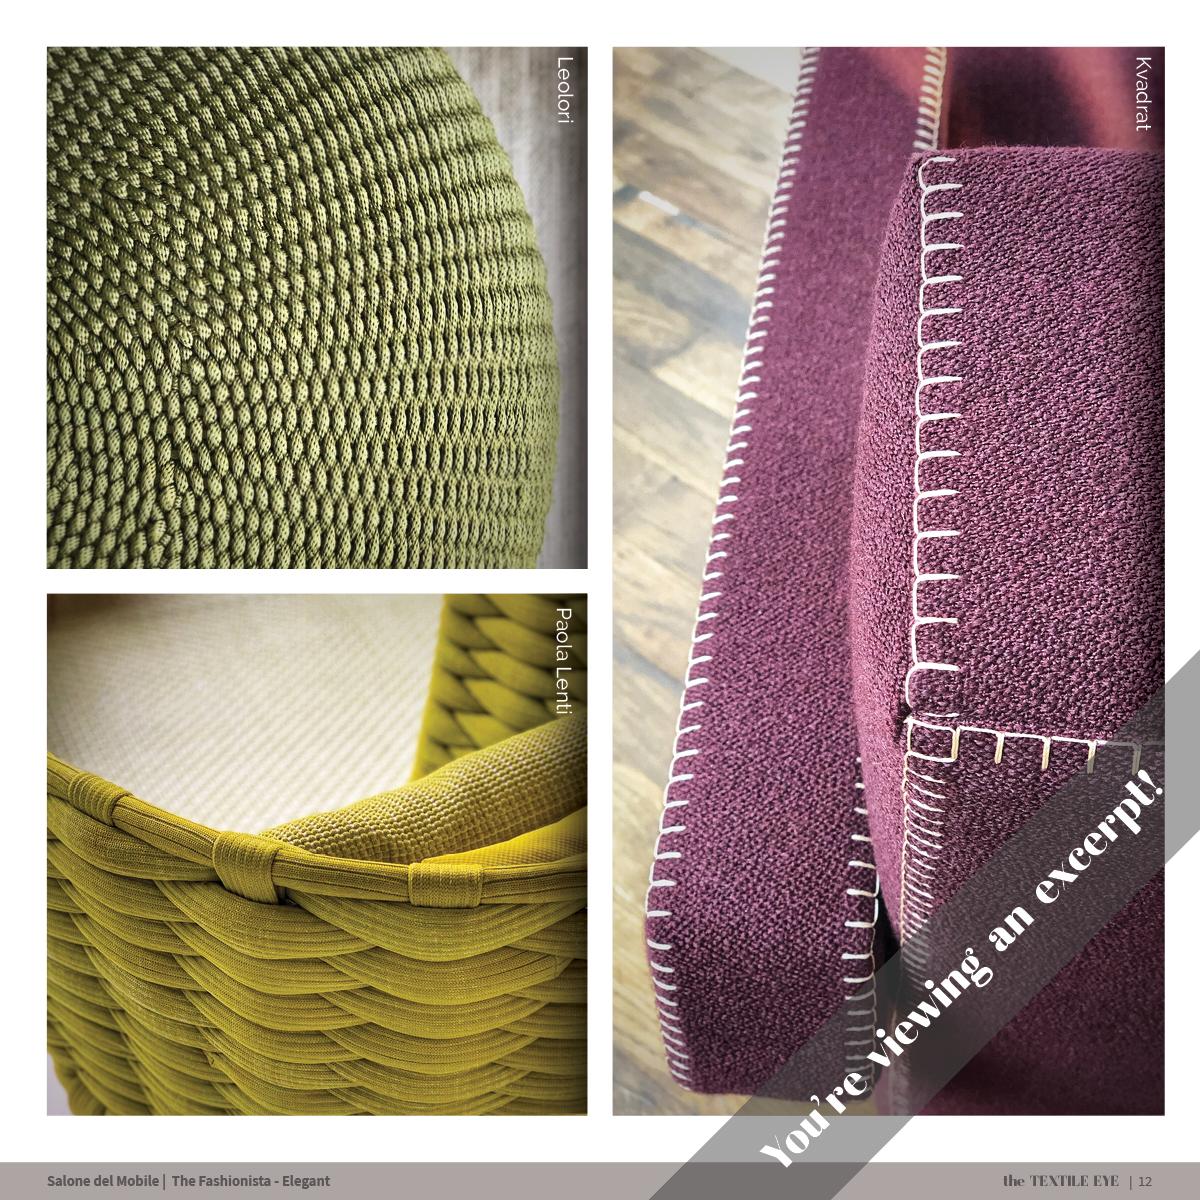 The Textile Eye Issue 2 Summer 19 Excerpt LR12.jpg